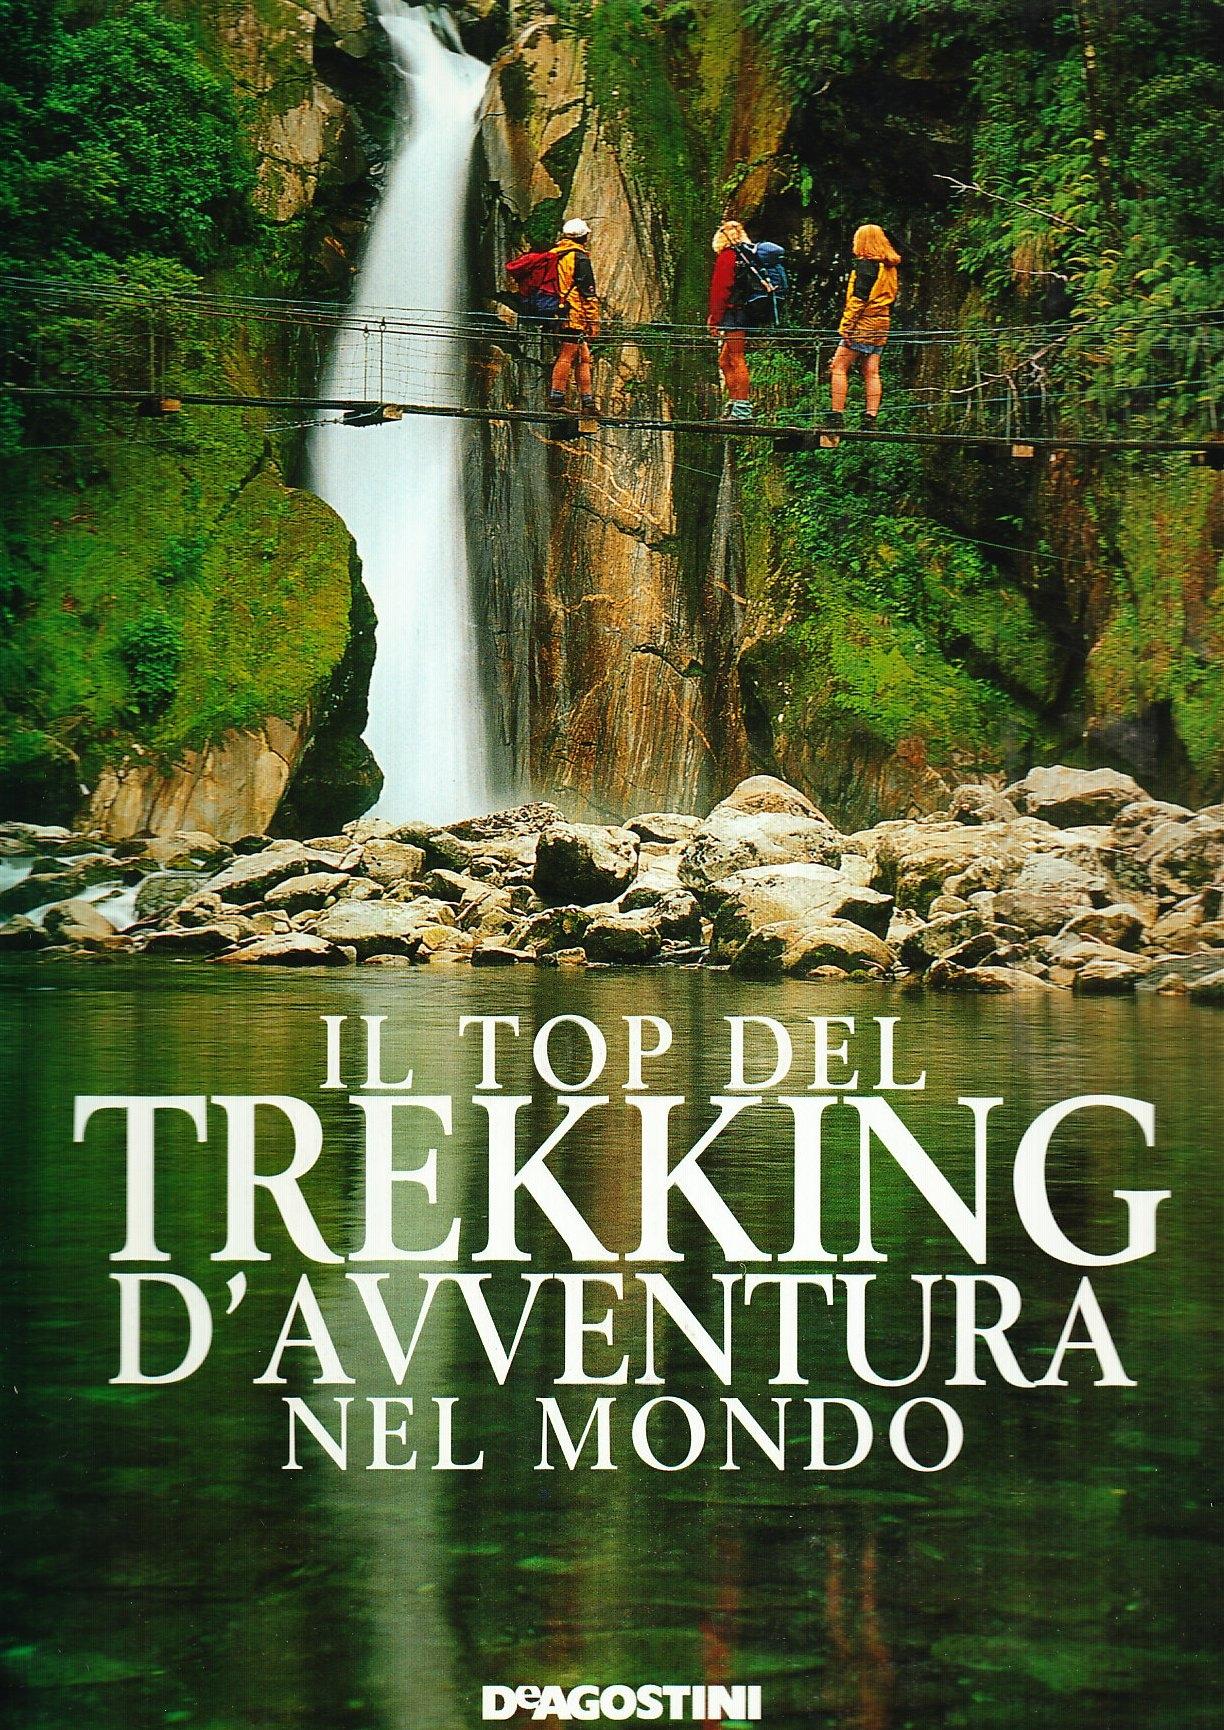 Il top del trekking d'avventura nel mondo